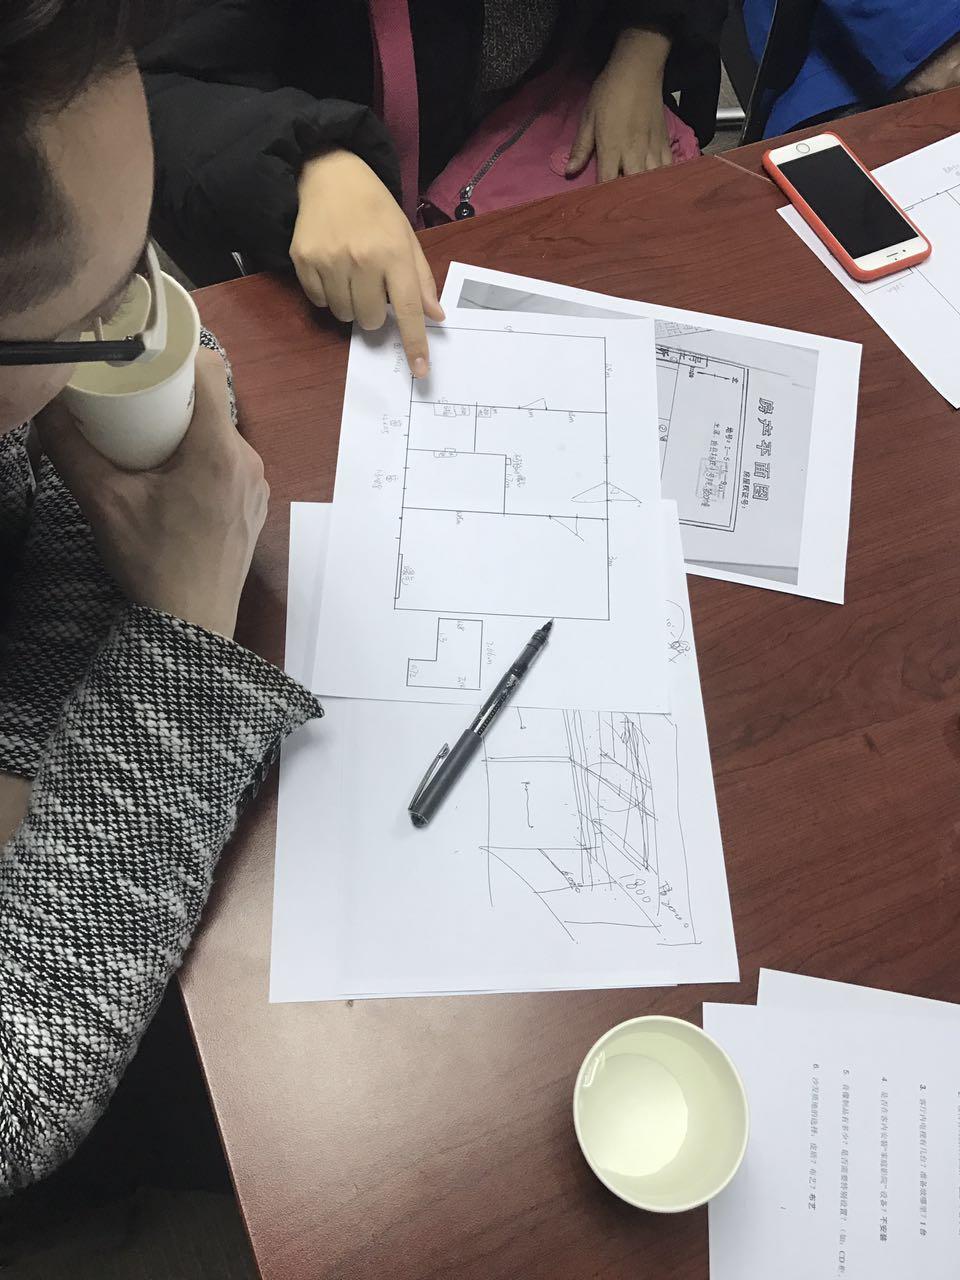 设计咨询日图片来自djfw2016在1225设计咨询日第6期的分享